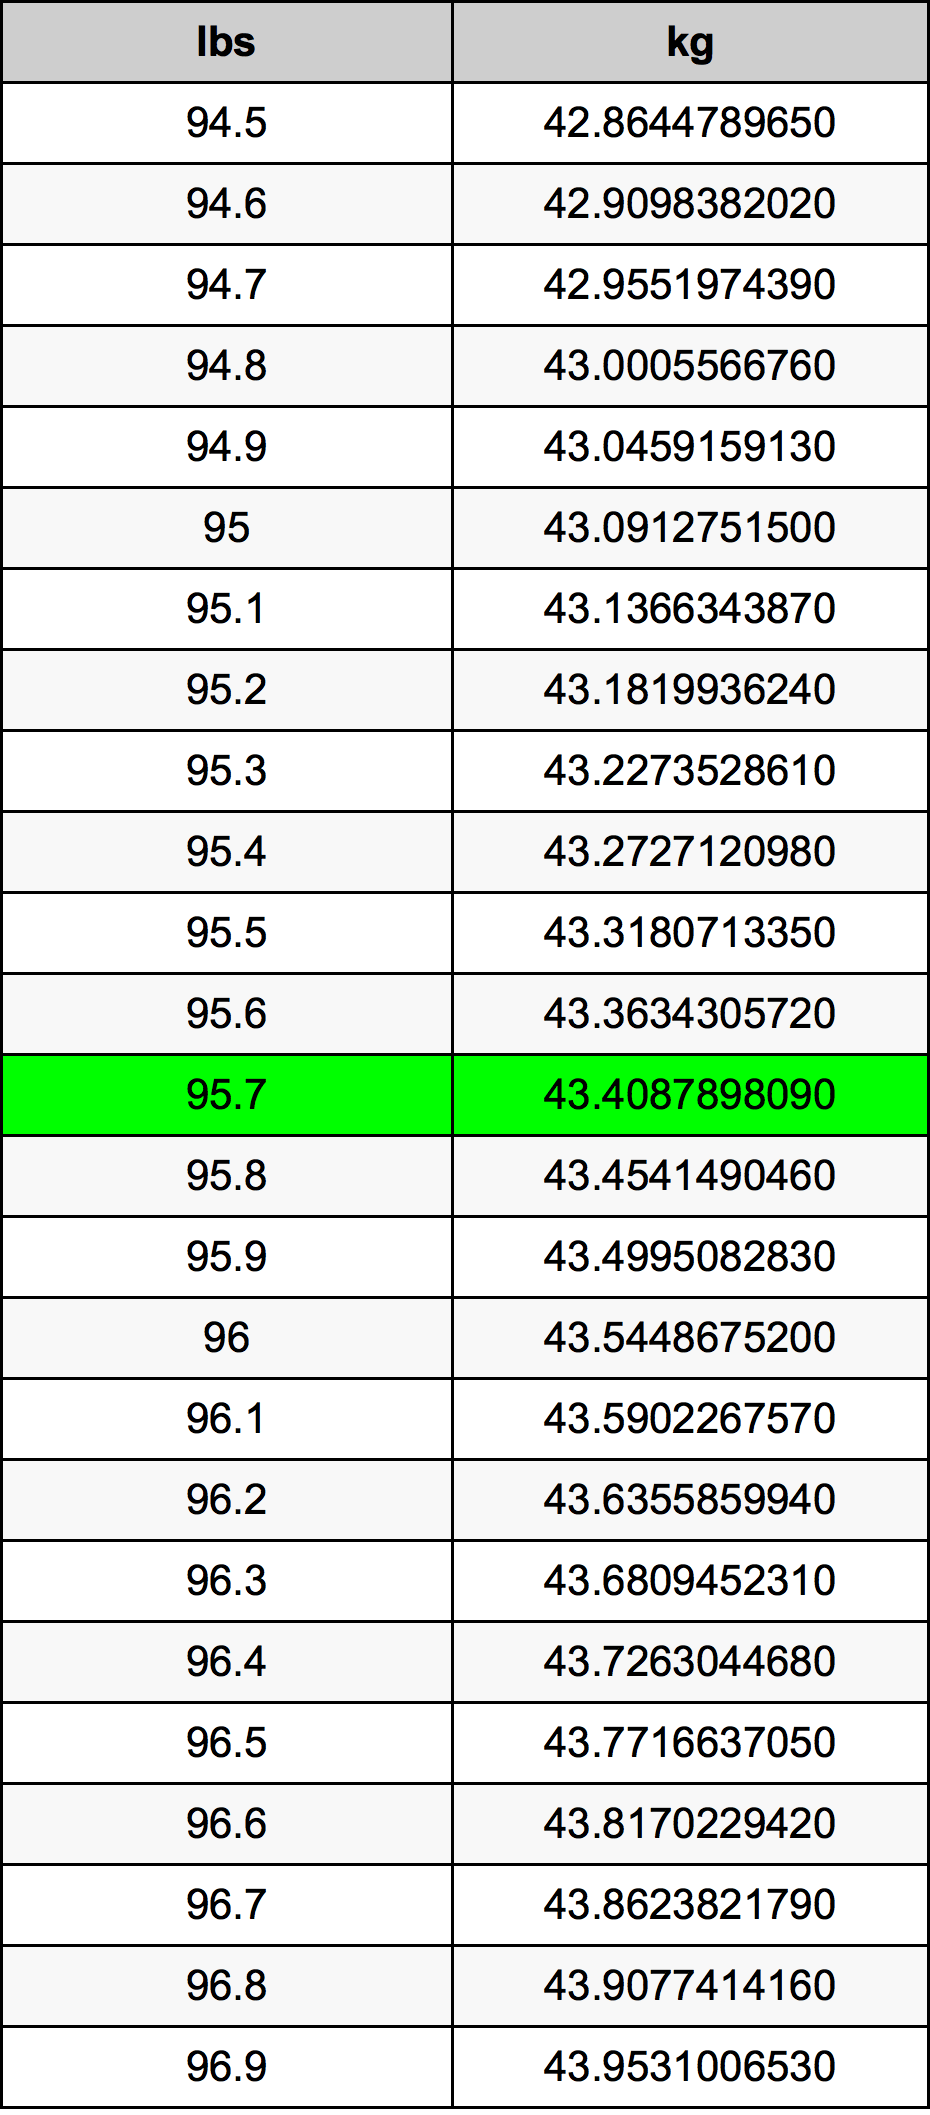 95.7 Lliura Taula de conversió